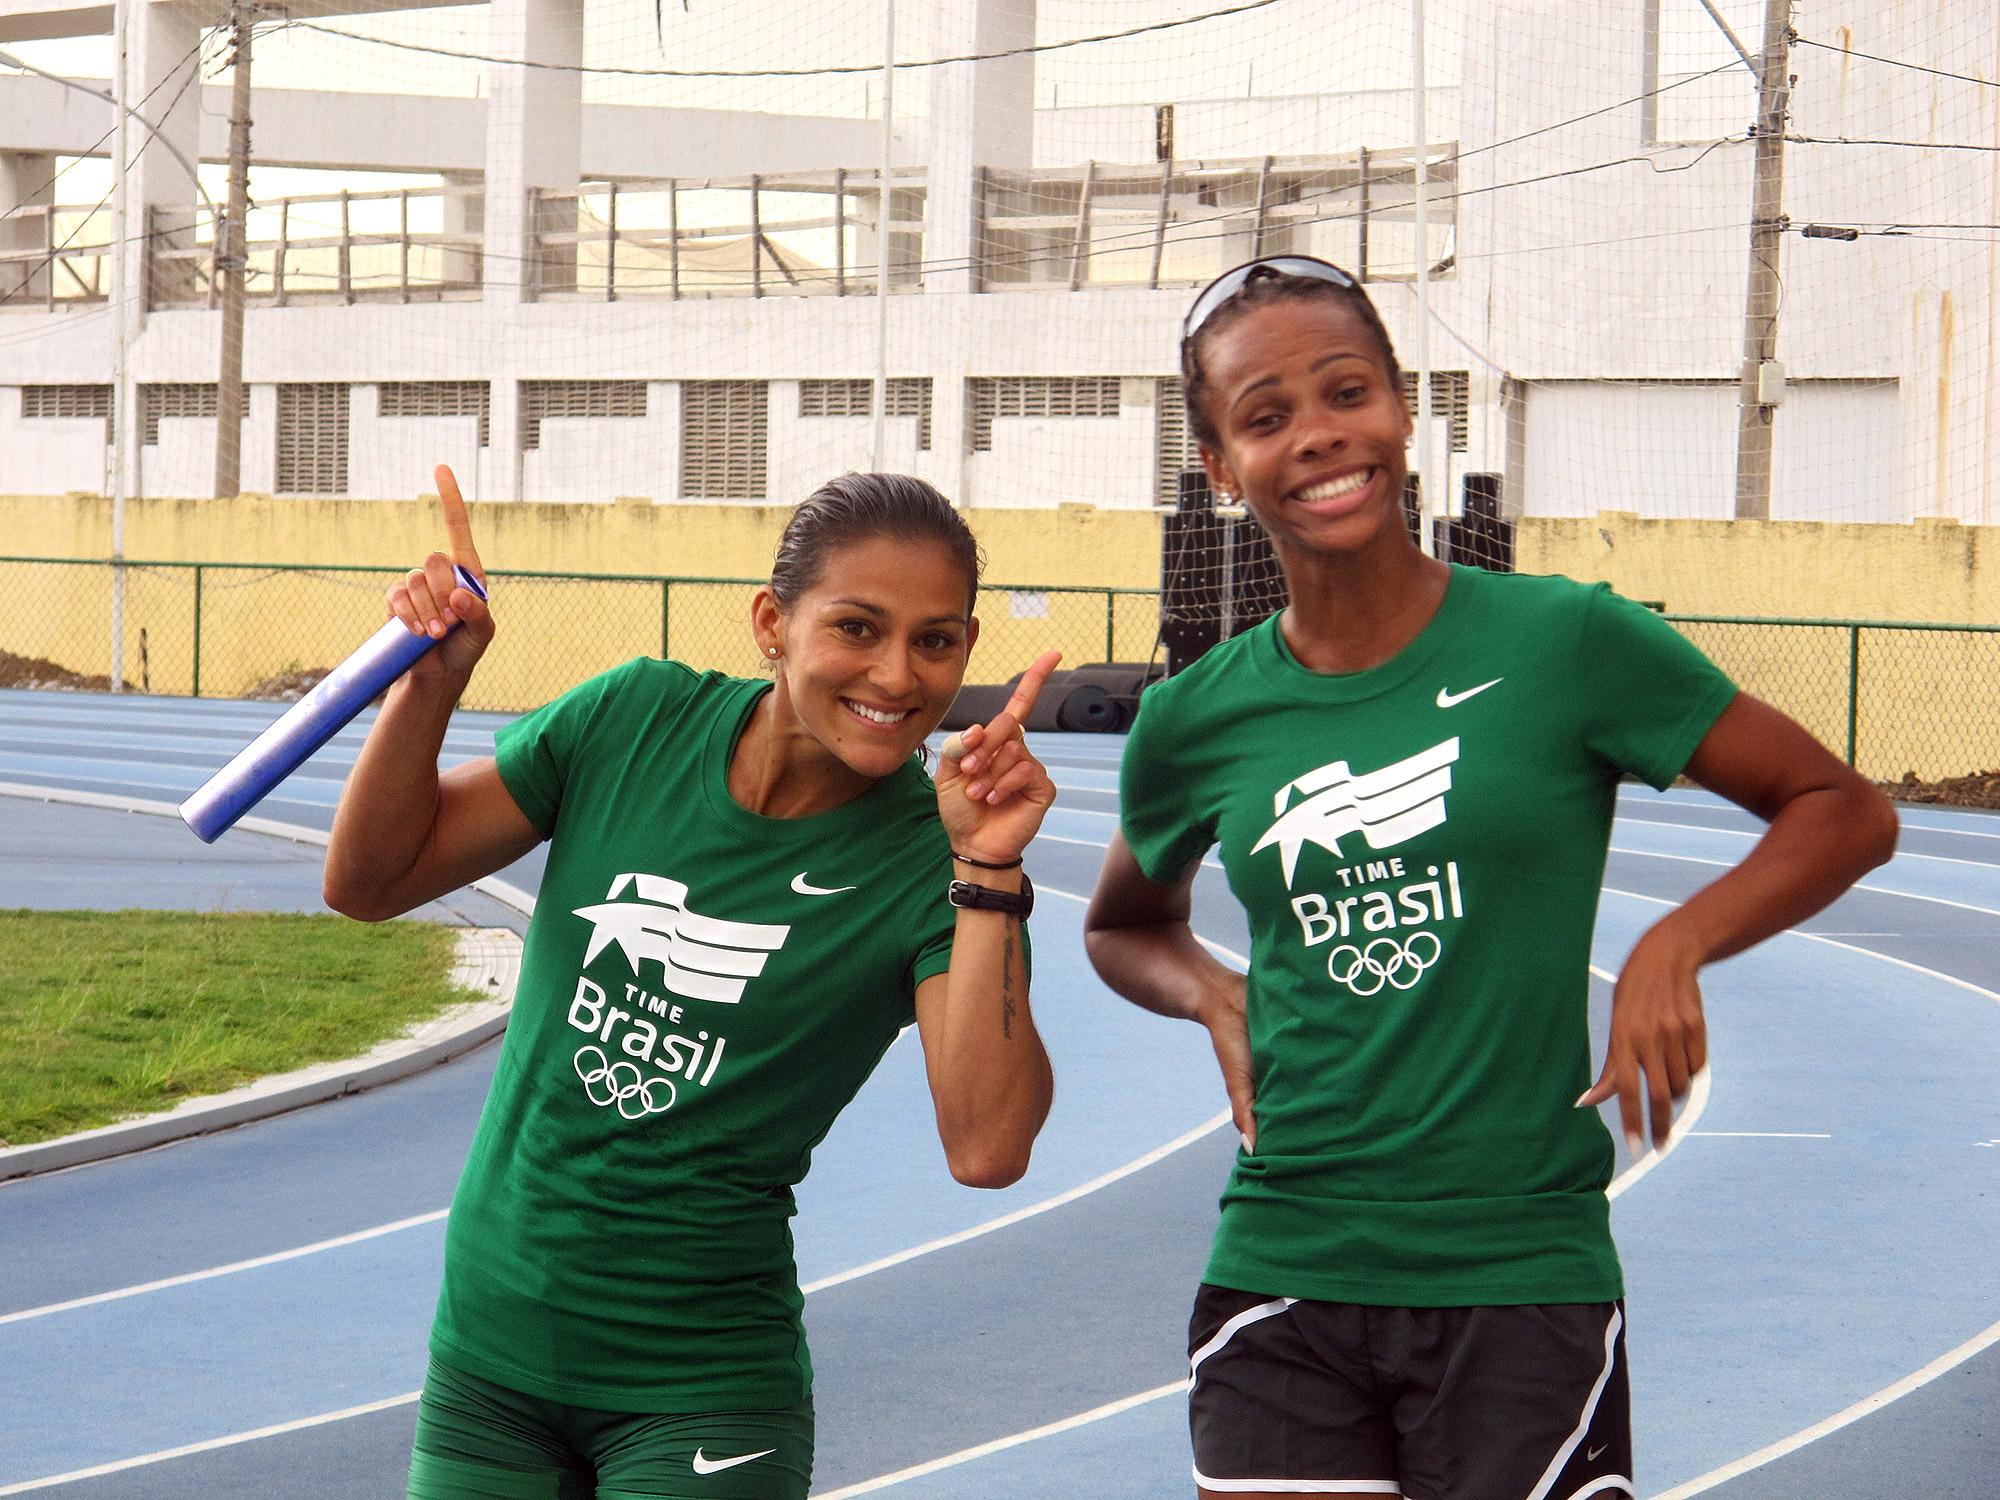 Esperanças de medalha, velocistas ignoram ''trauma'' e treinam ... - Globo.com